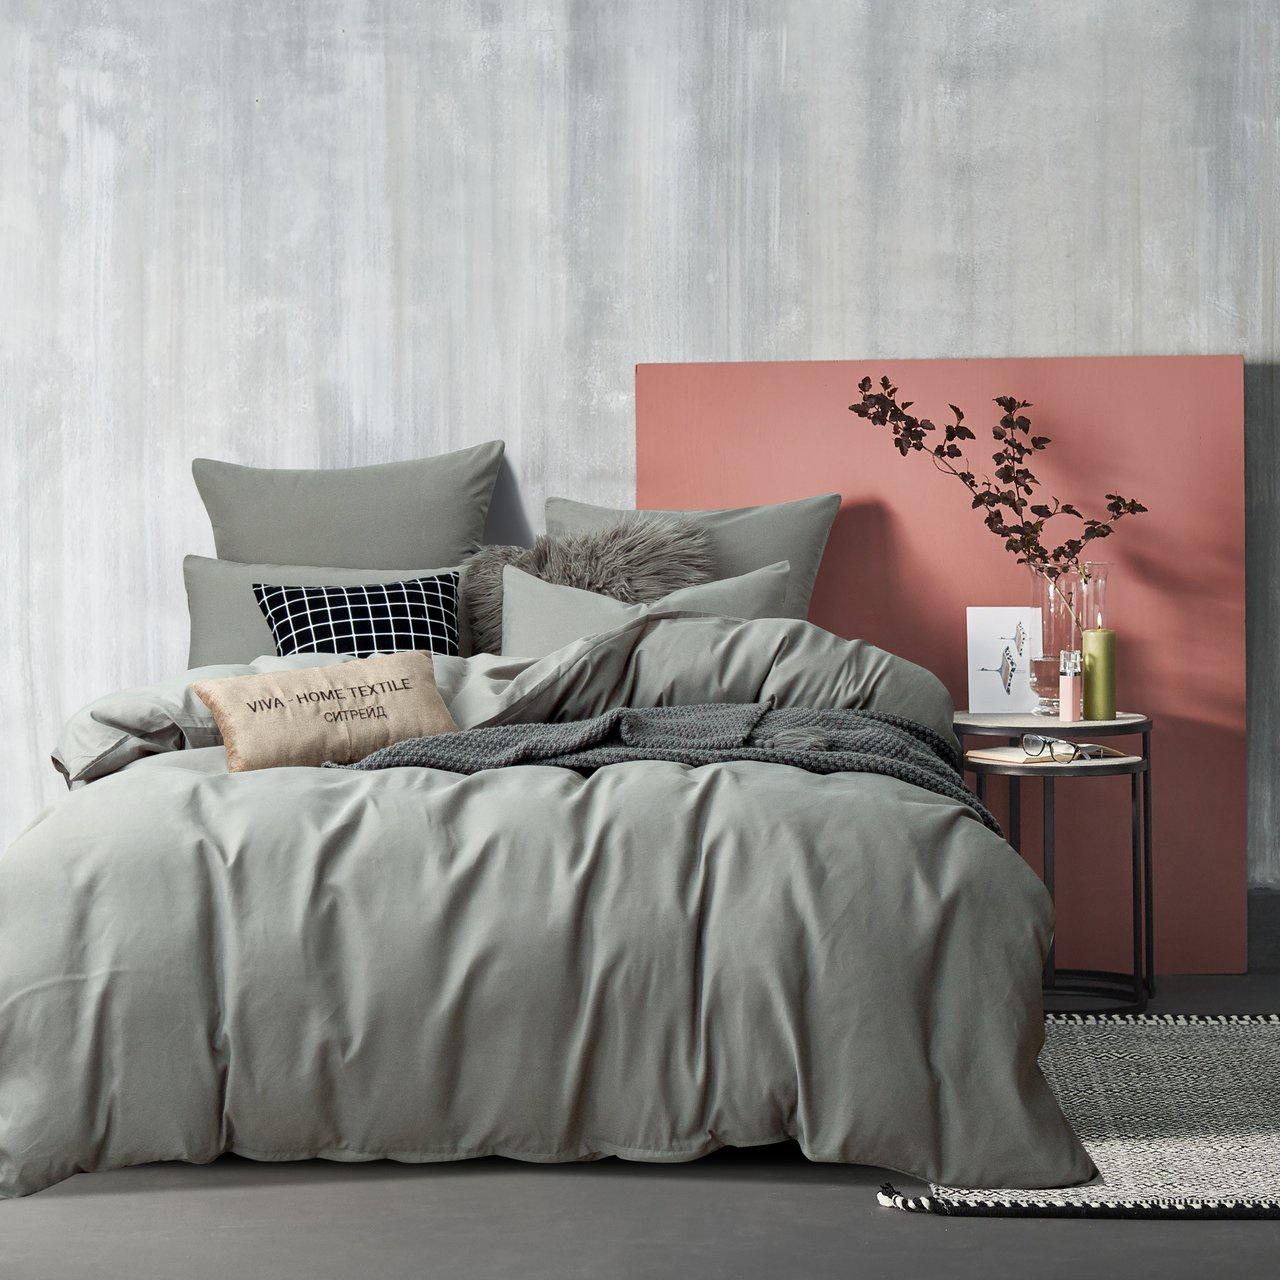 Комплект постельного белья Ситрейд CS023-1 70-70 1.5 спальный, наволочки 70-70 2 шт елка канадская 150 см 342 ветки 1 шт в упаковке 2